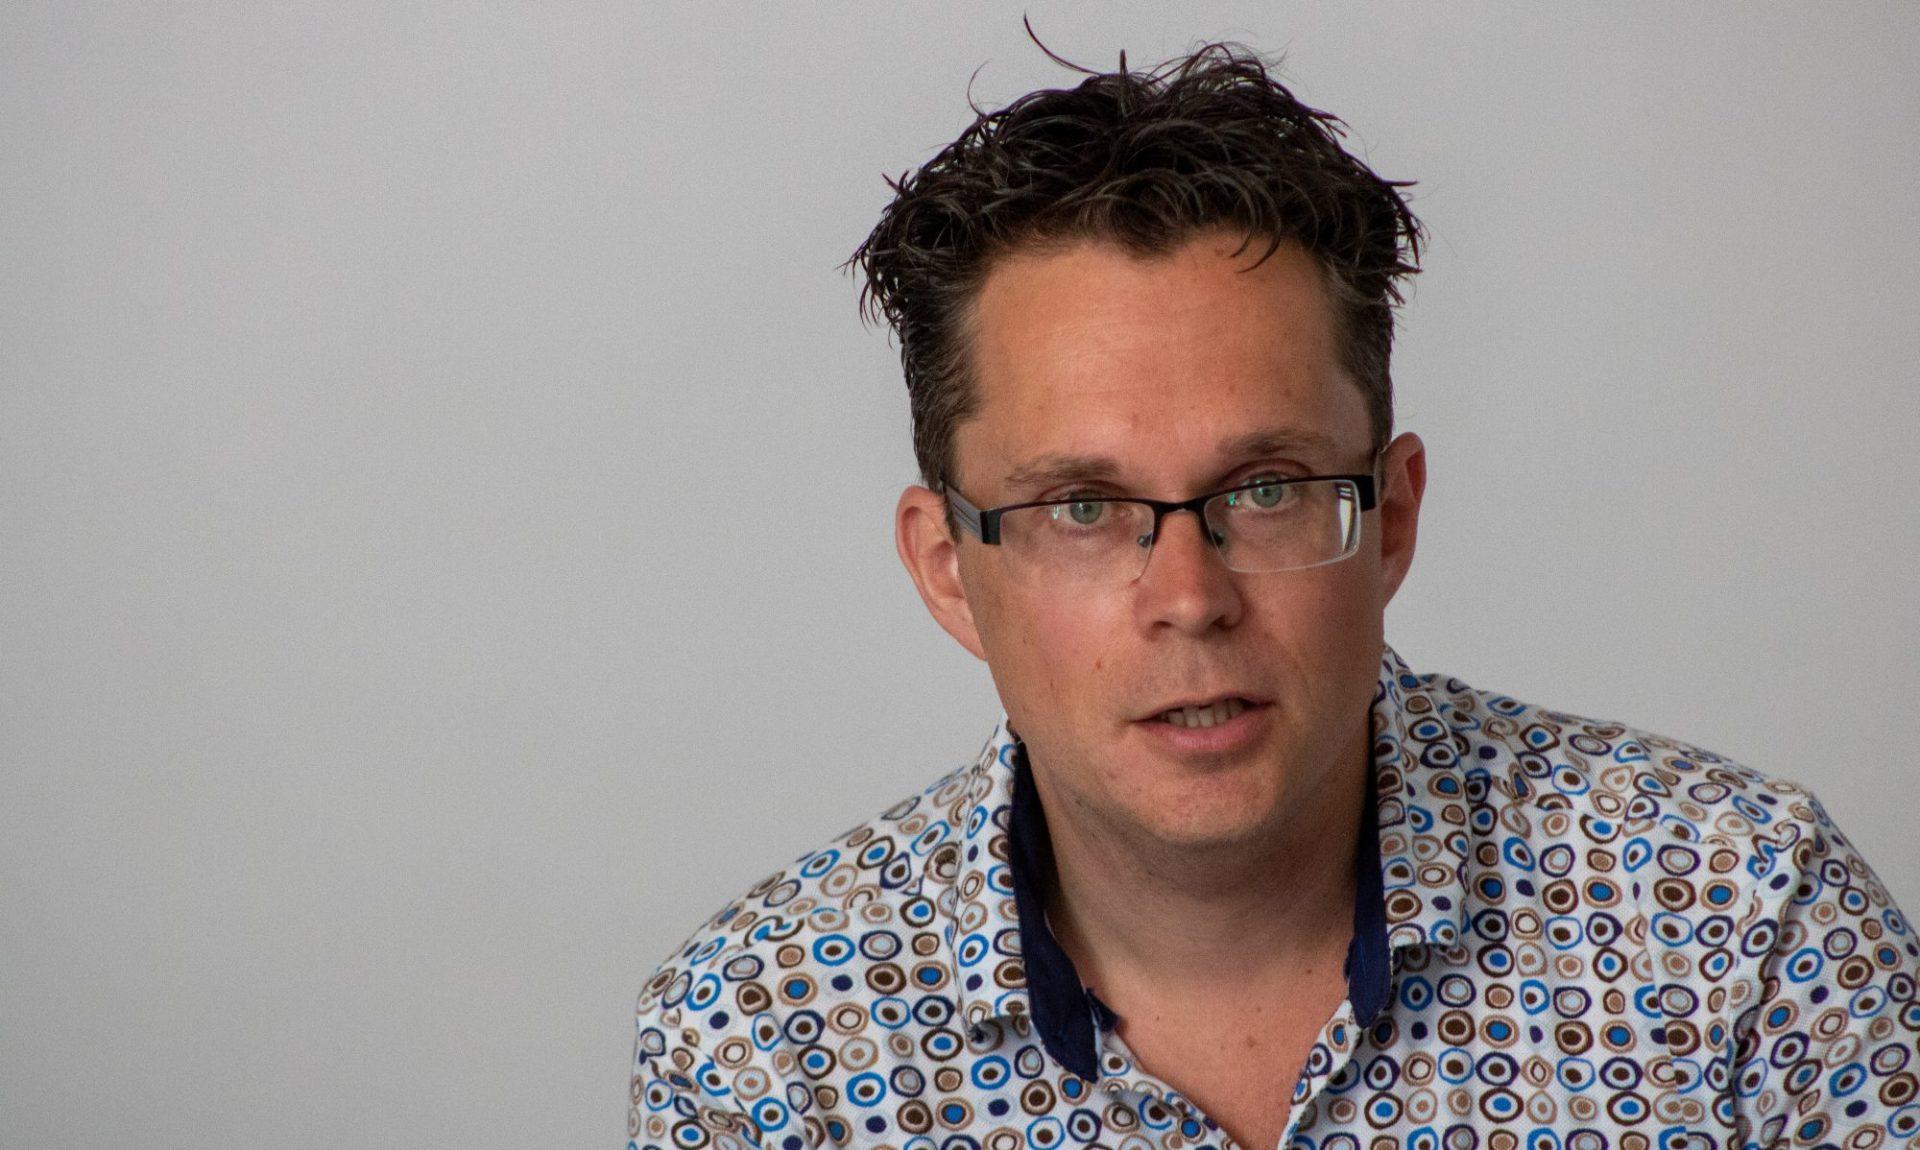 David Redeker